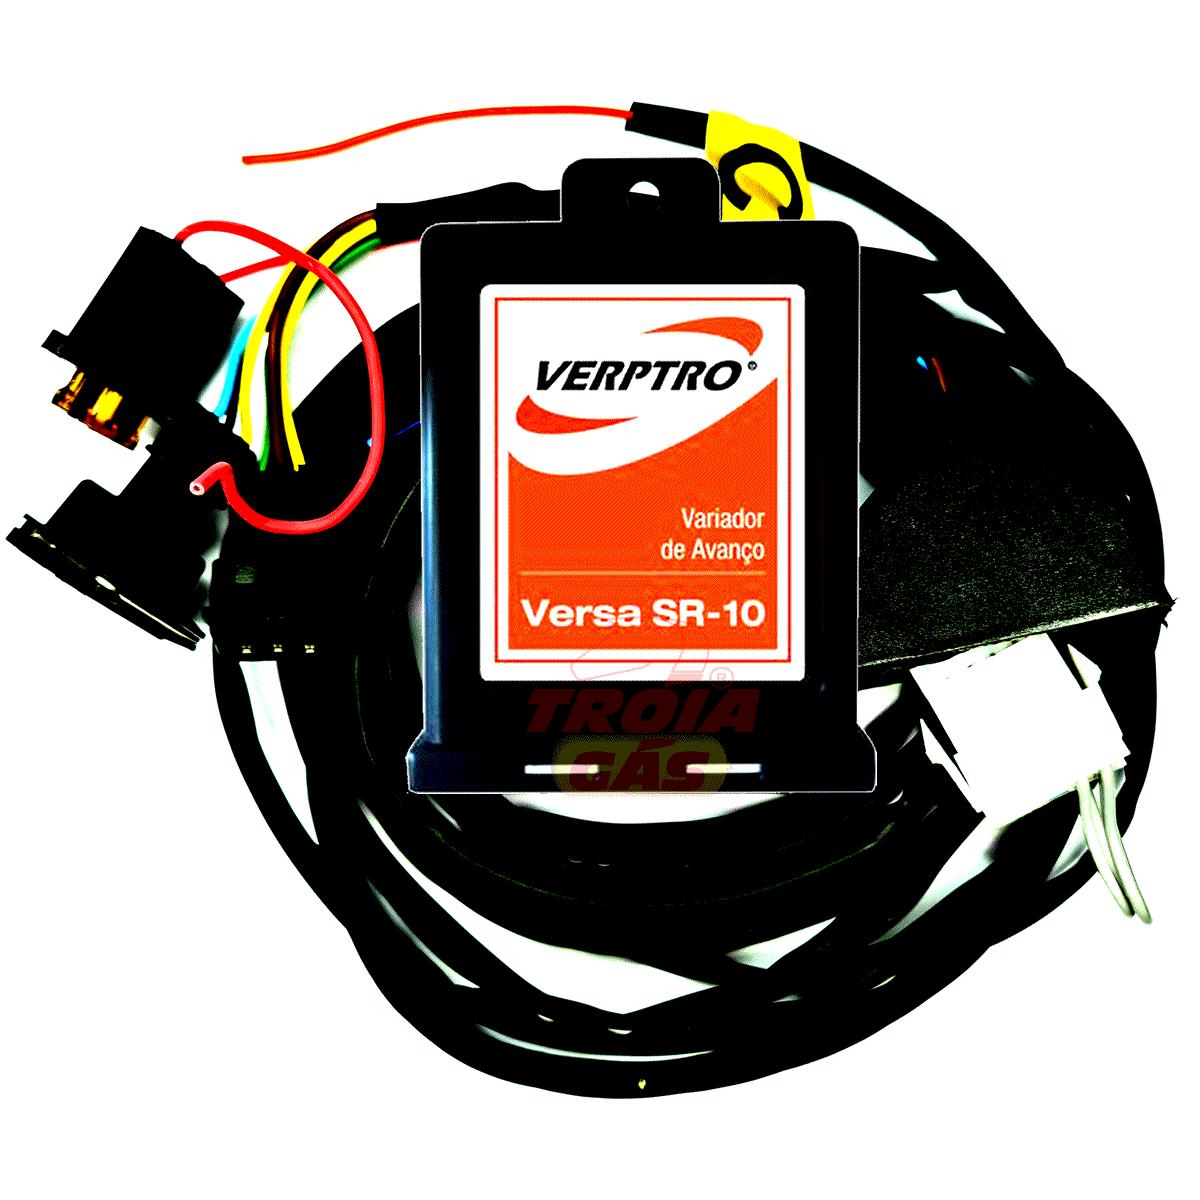 Kit Emulador de 4 Bicos e Variador de Avanço Roda Fônica Versim4 SR10